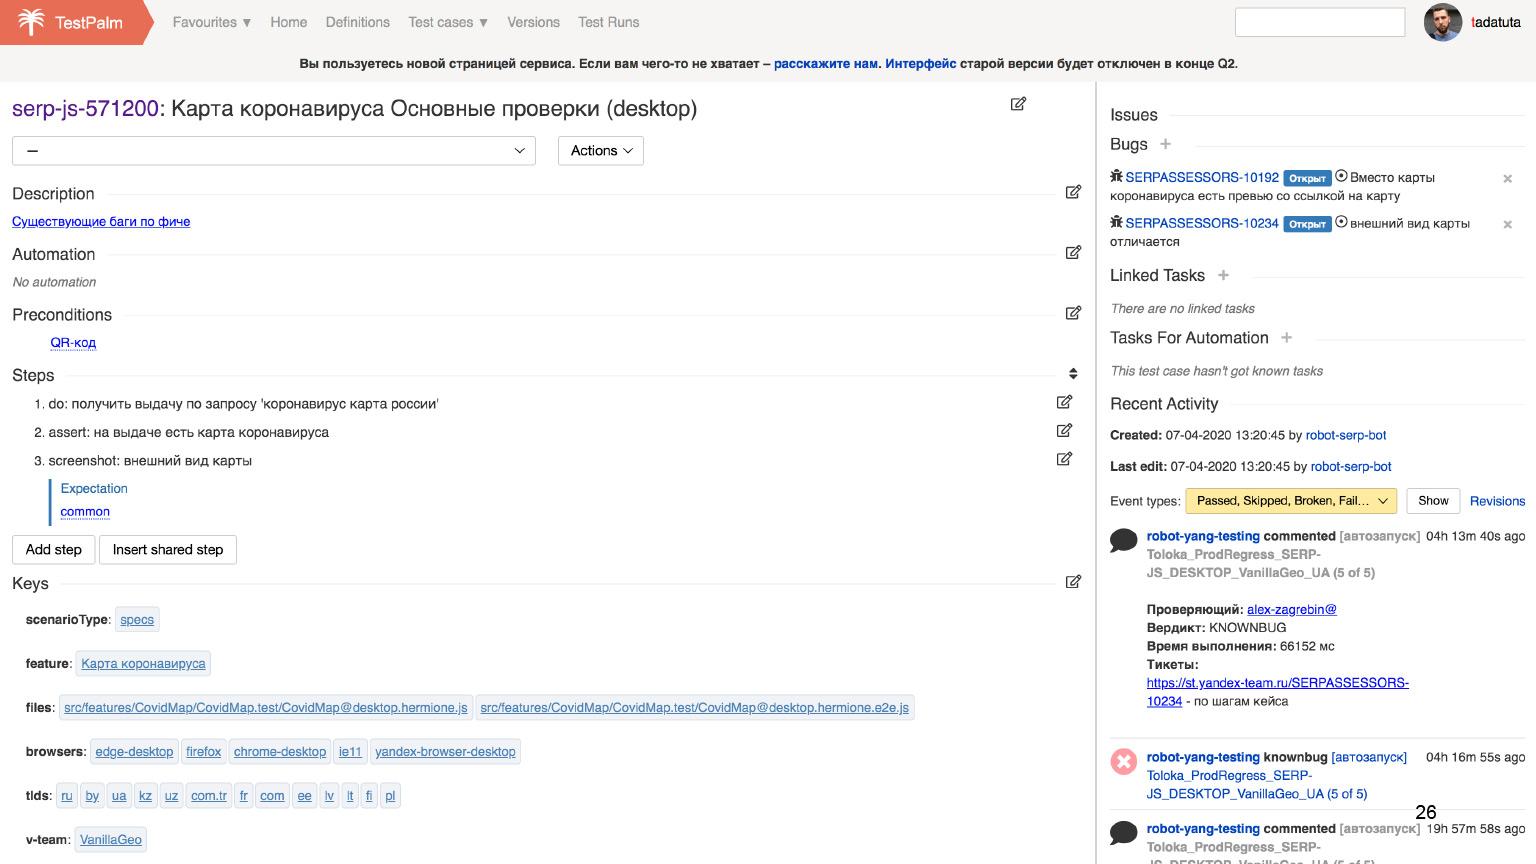 Автоматизация тестирования на максималках. Доклад Яндекса - 17